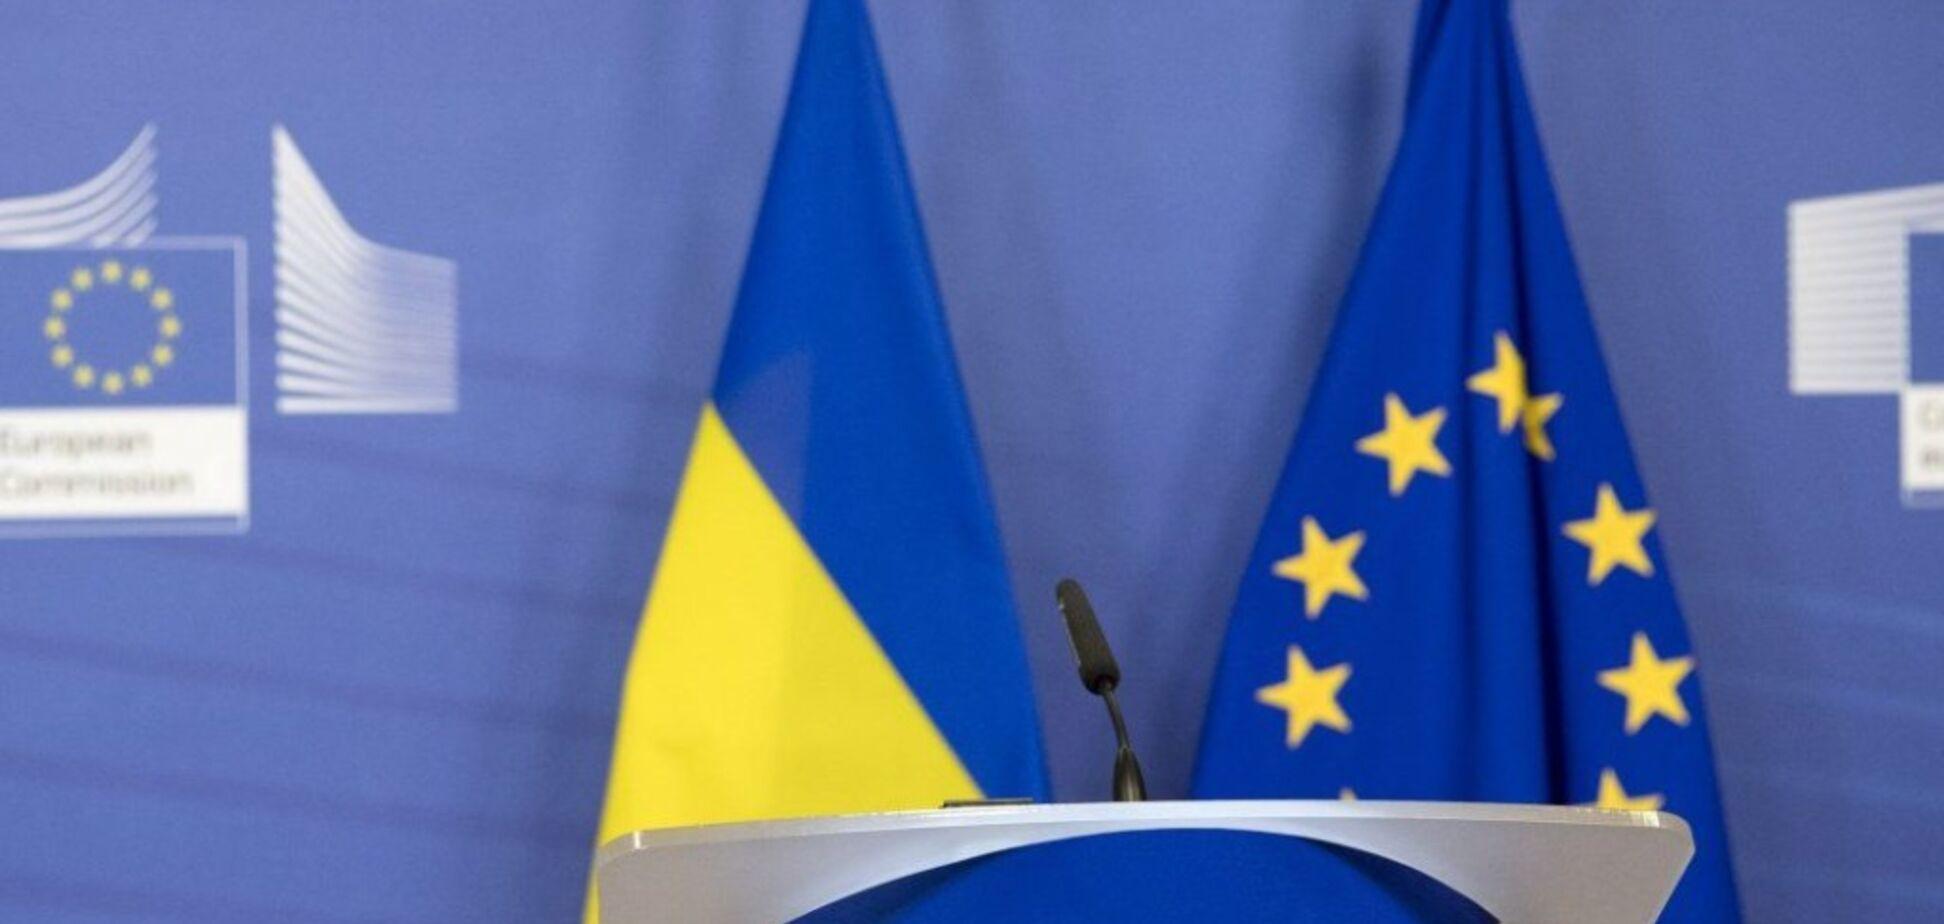 Росія-агресор: в ЄС зробили гучну заяву